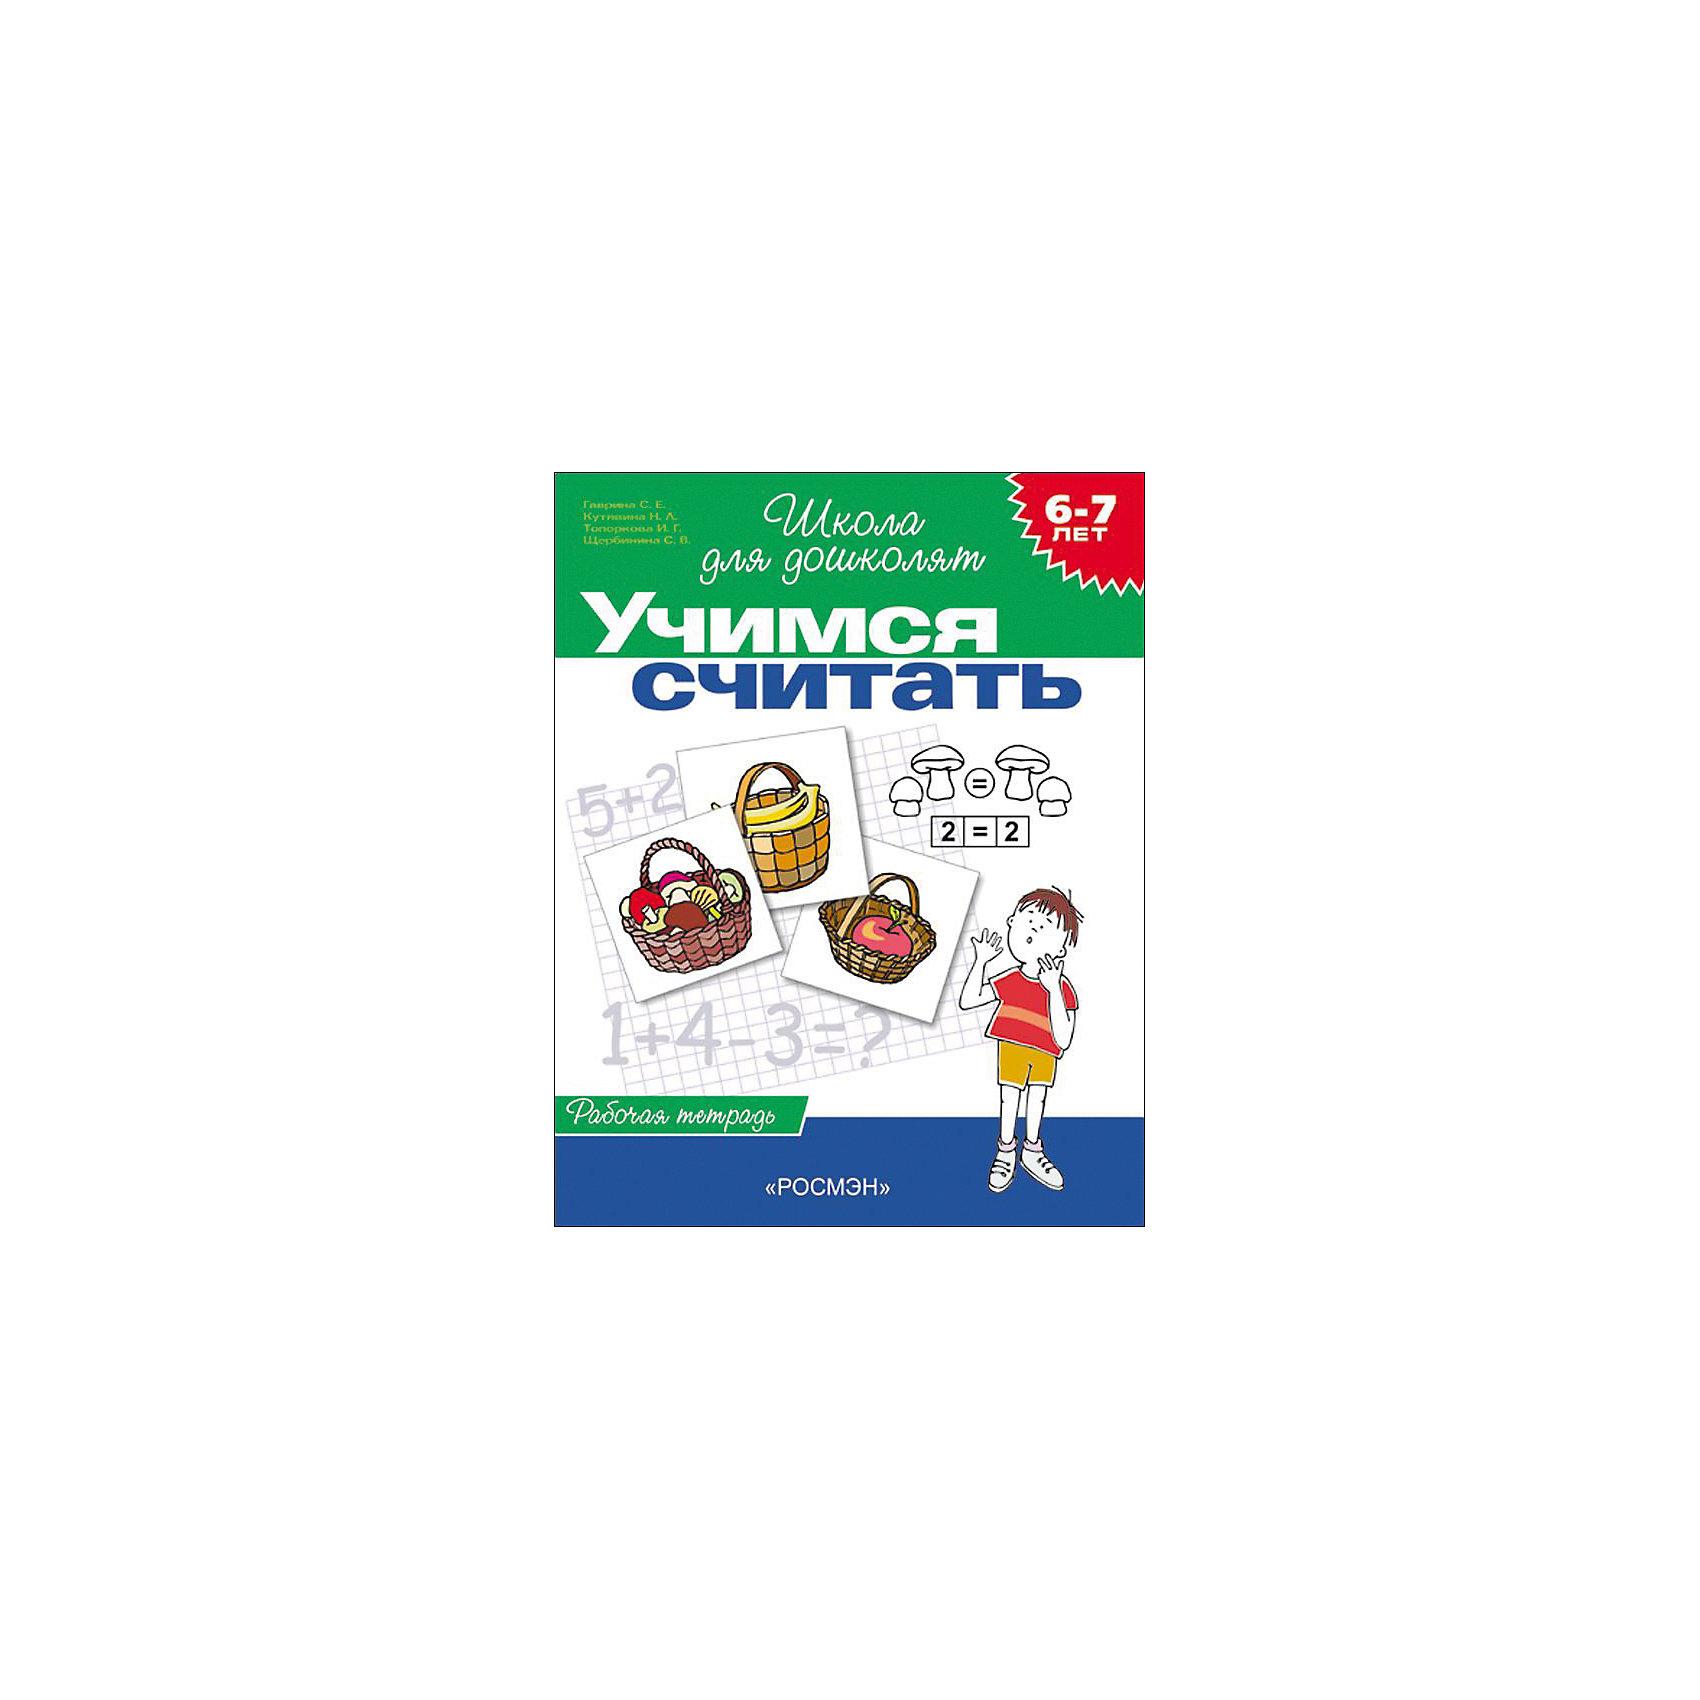 Рабочая тетрадь Учимся считатьХарактеристики товара:<br><br>- цвет: разноцветный;<br>- материал: бумага;<br>- страниц: 24;<br>- формат: 26 х 20 см;<br>- обложка: мягкая;<br>- развивающее издание.<br><br>Это проработанное развивающее издание станет отличным подарком для родителей и ребенка. Оно содержит в себе задания и упражнения, которые помогут ребенку подготовиться к школе. Простые интересные задания помогут привить любовь к учебе!<br>Выполнение таких заданий помогает ребенку развивать мелкую моторику, зрительную память, концентрацию внимания и воображение. Издание произведено из качественных материалов, которые безопасны даже для самых маленьких.<br><br>Издание Рабочая тетрадь Учимся считать от компании Росмэн можно купить в нашем интернет-магазине.<br><br>Ширина мм: 255<br>Глубина мм: 195<br>Высота мм: 2<br>Вес г: 54<br>Возраст от месяцев: 60<br>Возраст до месяцев: 84<br>Пол: Унисекс<br>Возраст: Детский<br>SKU: 5110200